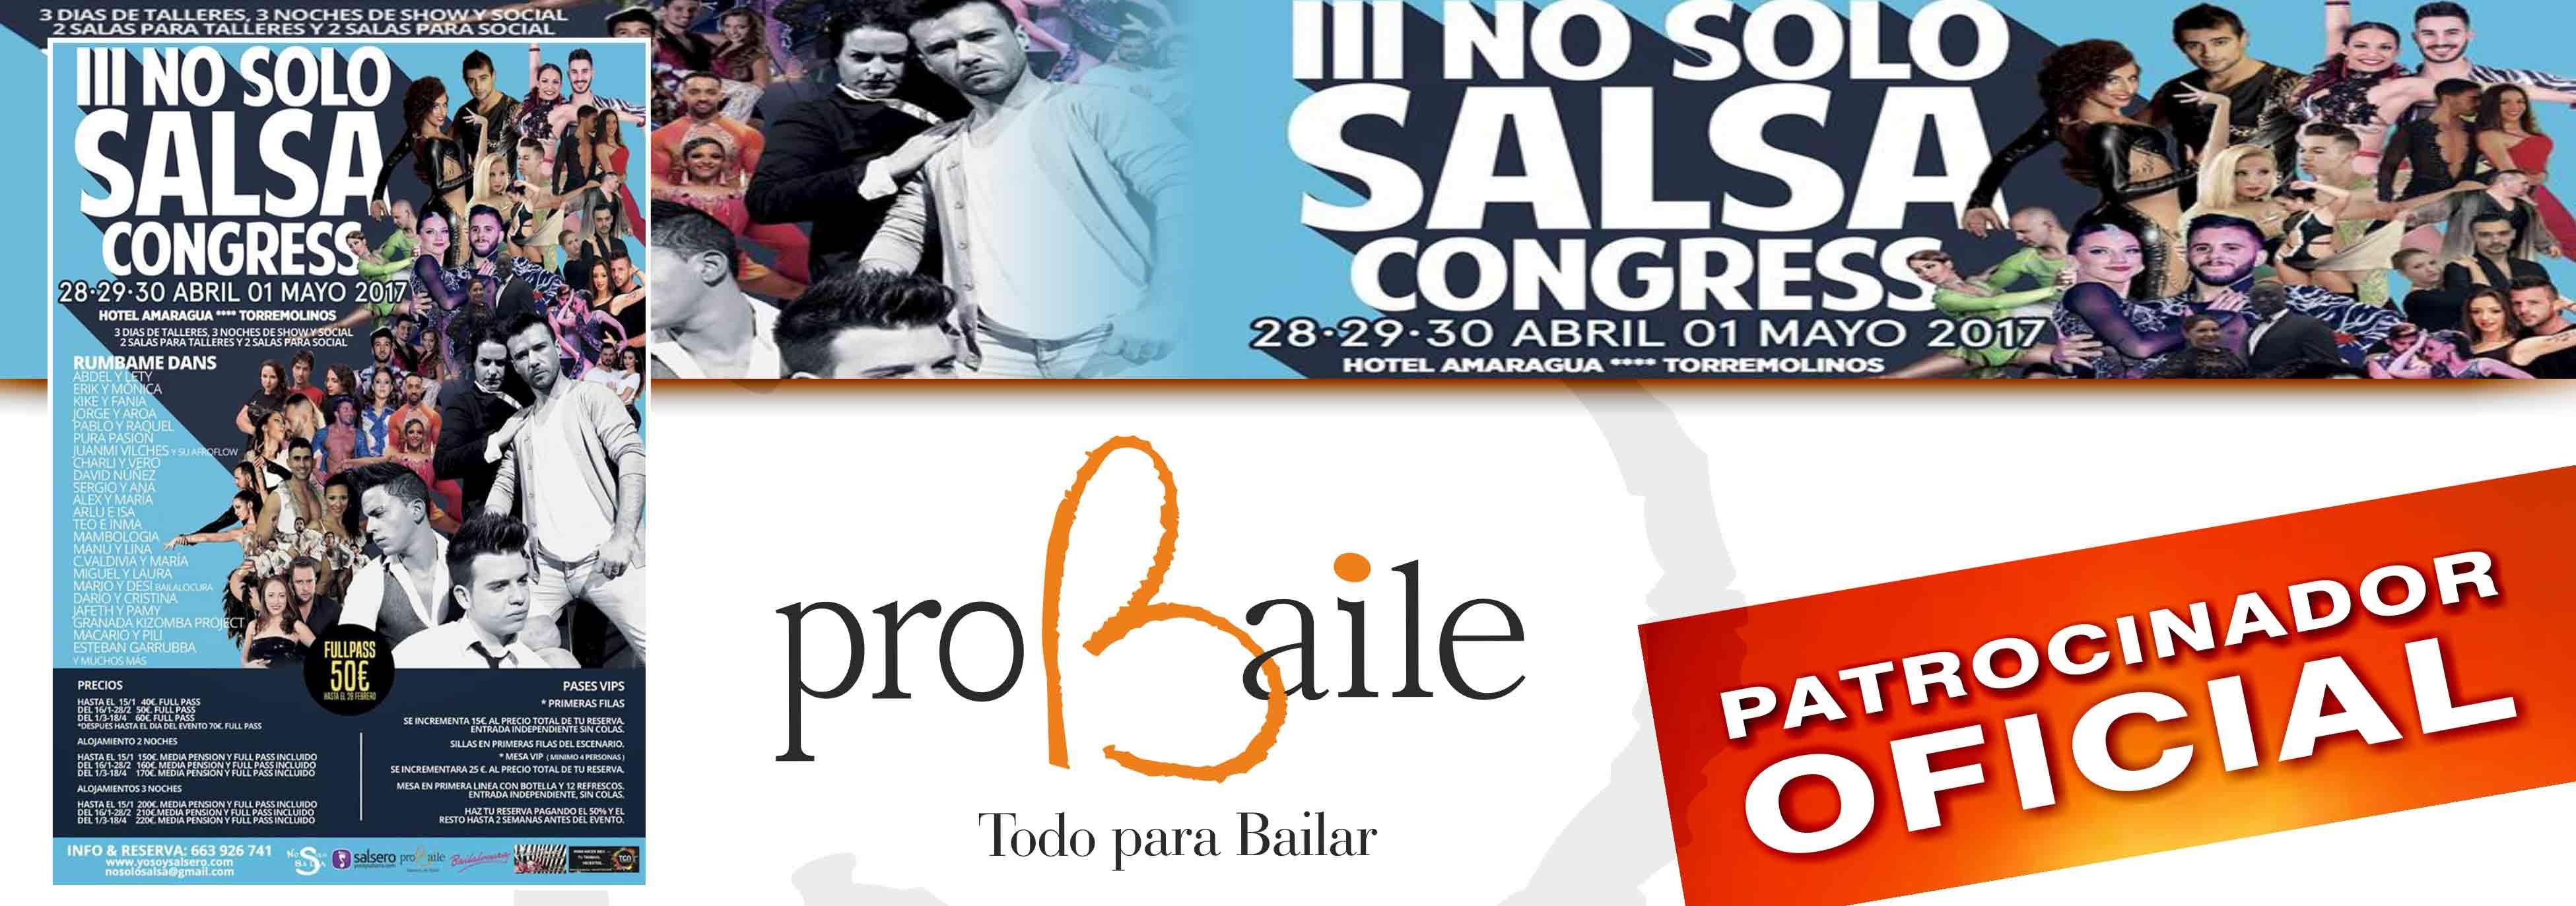 Congreso Baile Torremolinos No solo Salsa